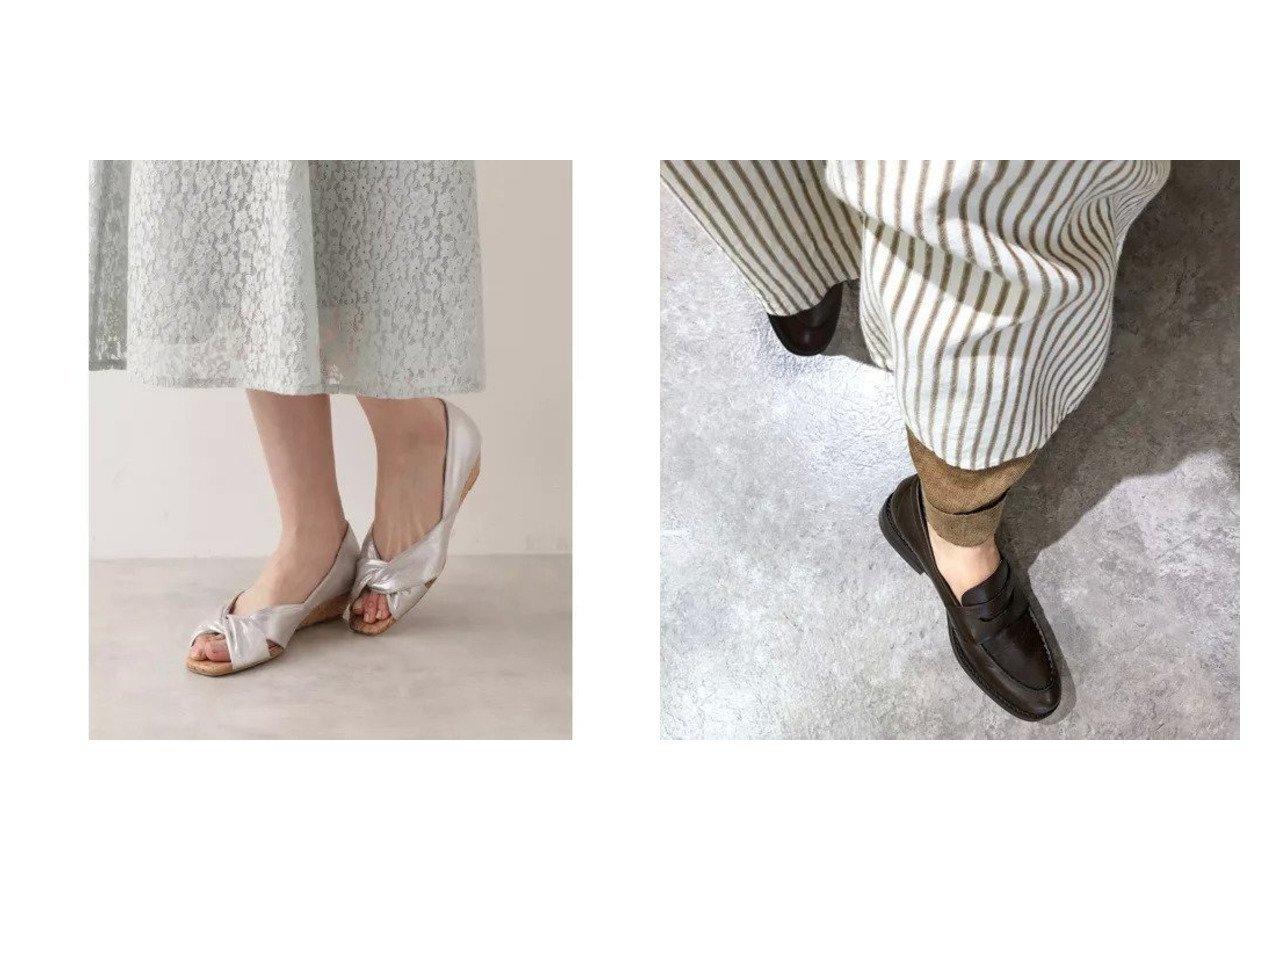 【enchanted/エンチャンテッド】の【APOM】本革コインローファー&【NATURAL BEAUTY BASIC/ナチュラル ビューティー ベーシック】のドレープオープンウェッジ 【シューズ・靴】おすすめ!人気、トレンド・レディースファッションの通販  おすすめで人気の流行・トレンド、ファッションの通販商品 メンズファッション・キッズファッション・インテリア・家具・レディースファッション・服の通販 founy(ファニー) https://founy.com/ ファッション Fashion レディースファッション WOMEN シューズ ソックス タイツ フラット 定番 Standard ライニング |ID:crp329100000032116